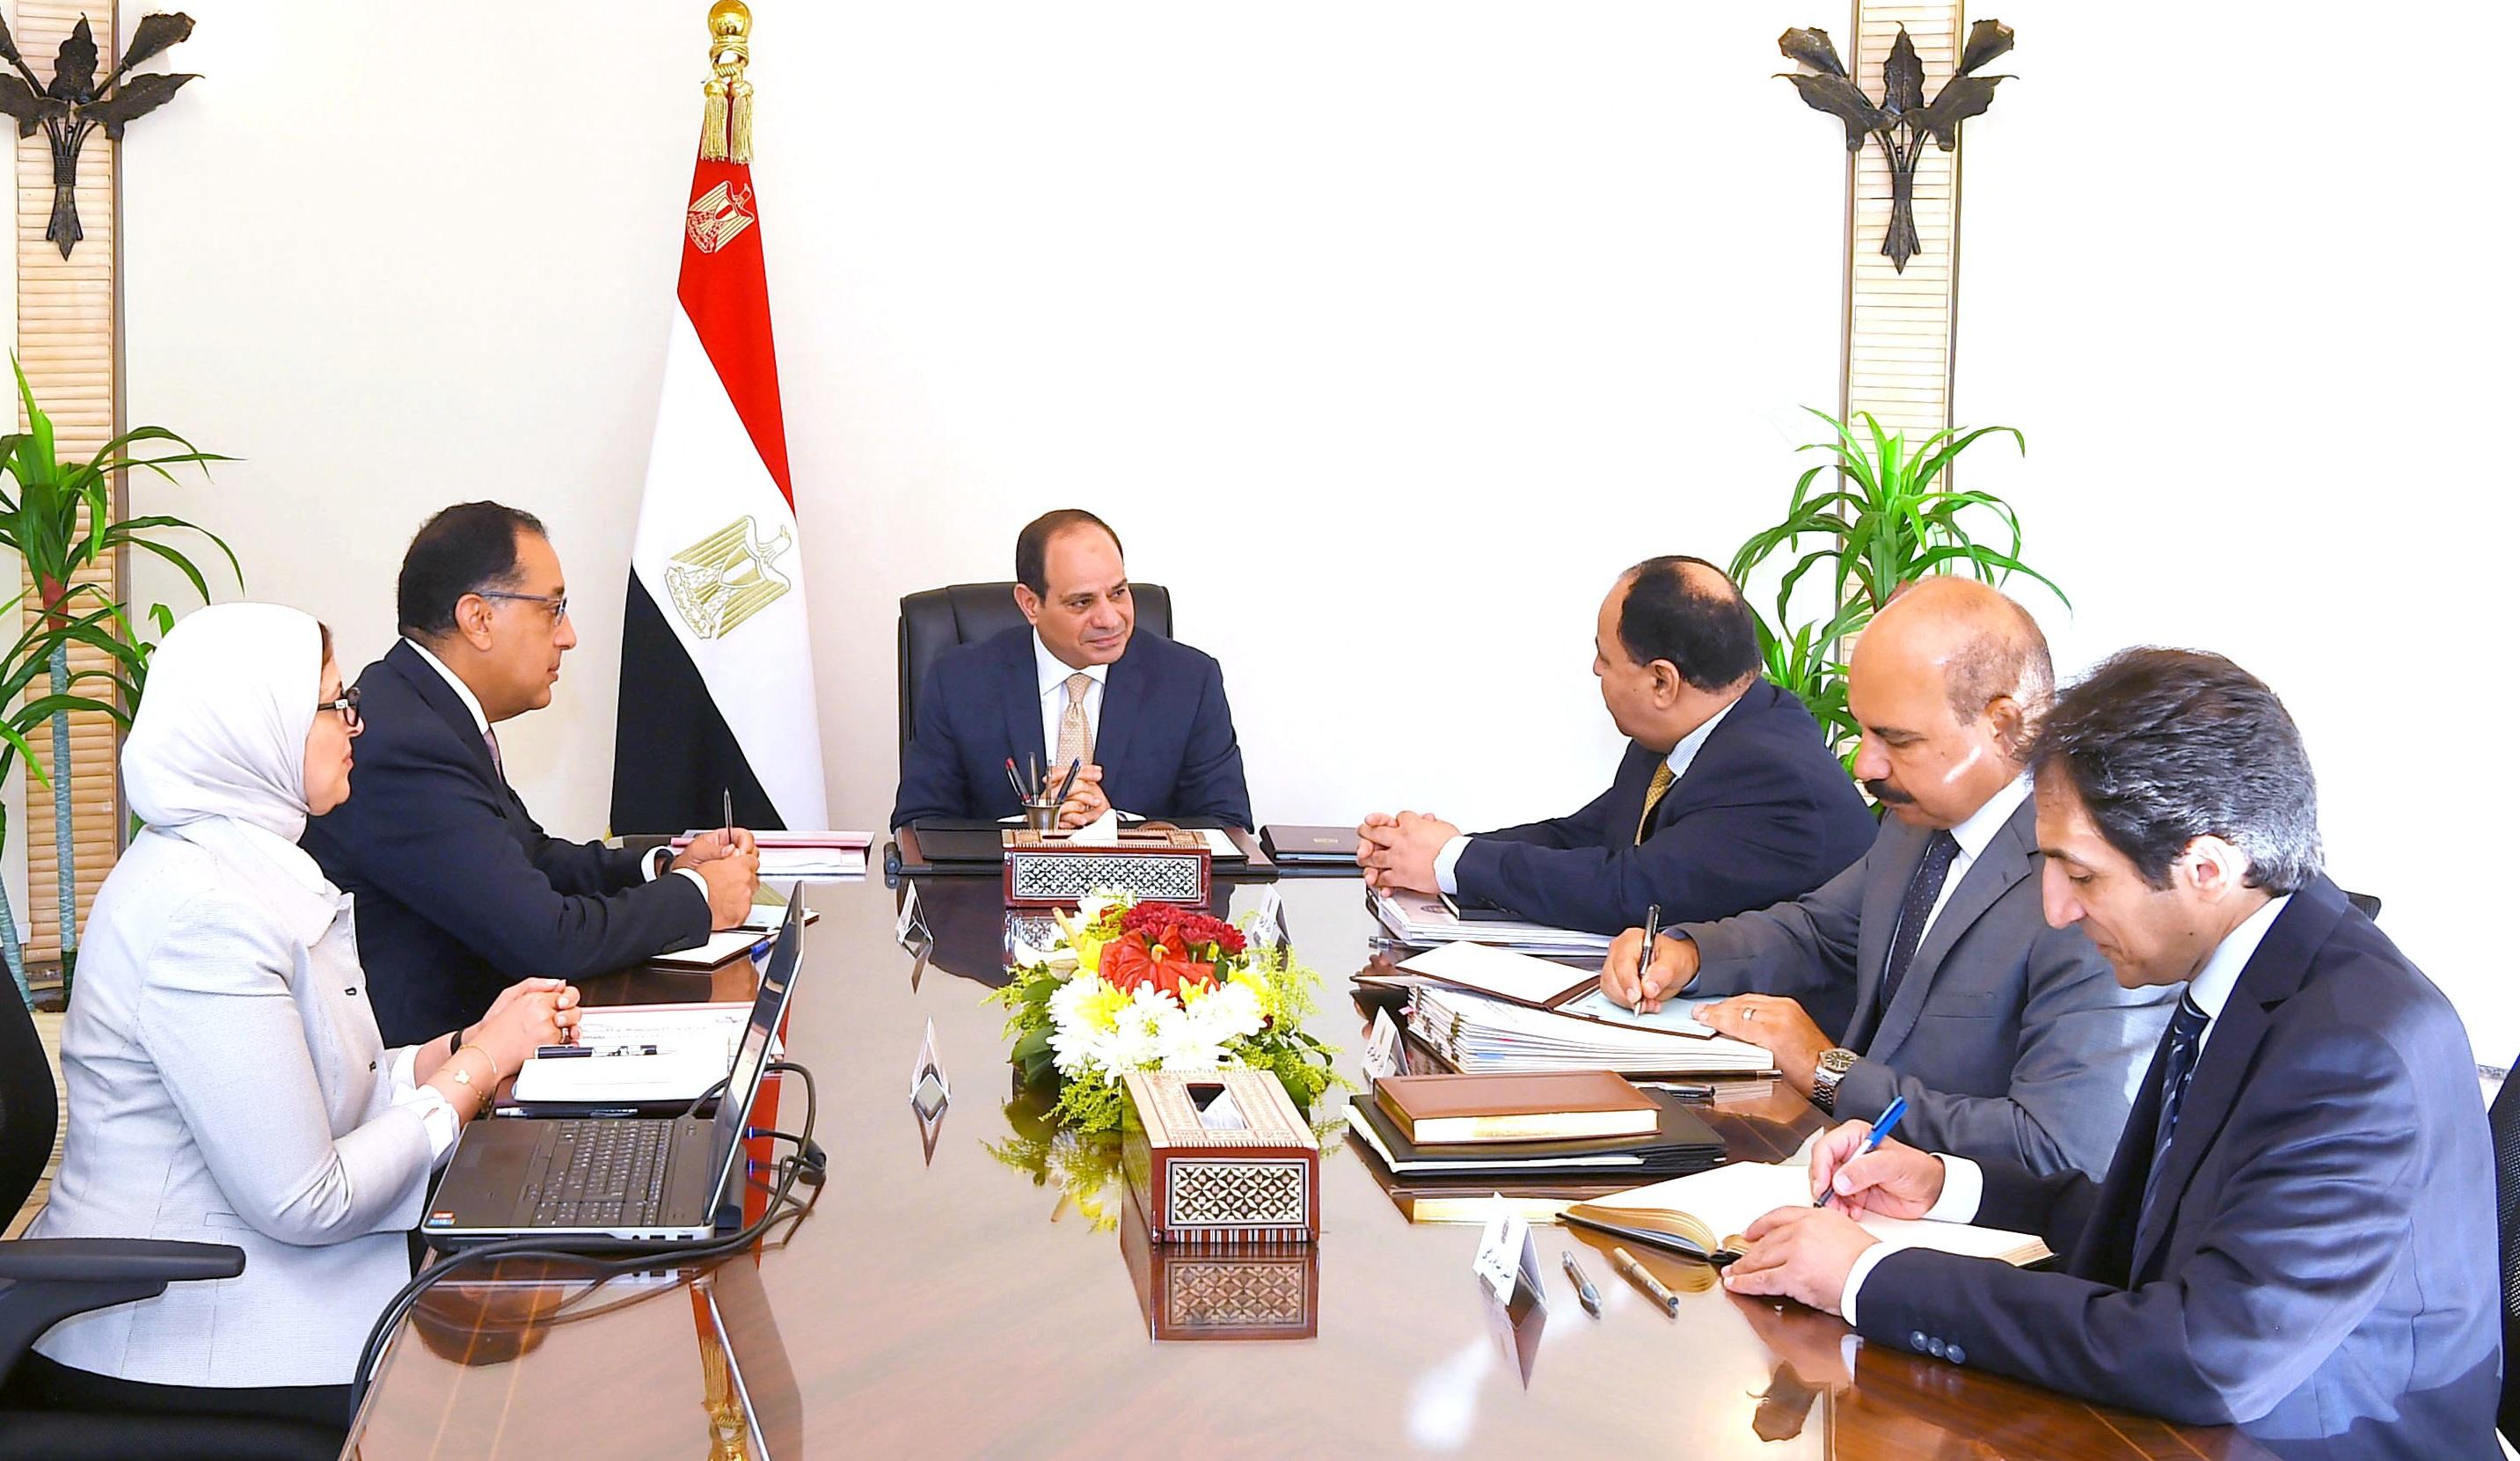 السيد الرئيس يعقد اجتماعاً مع السيد رئيس الوزراء ووزيري المالية والصحة (3)